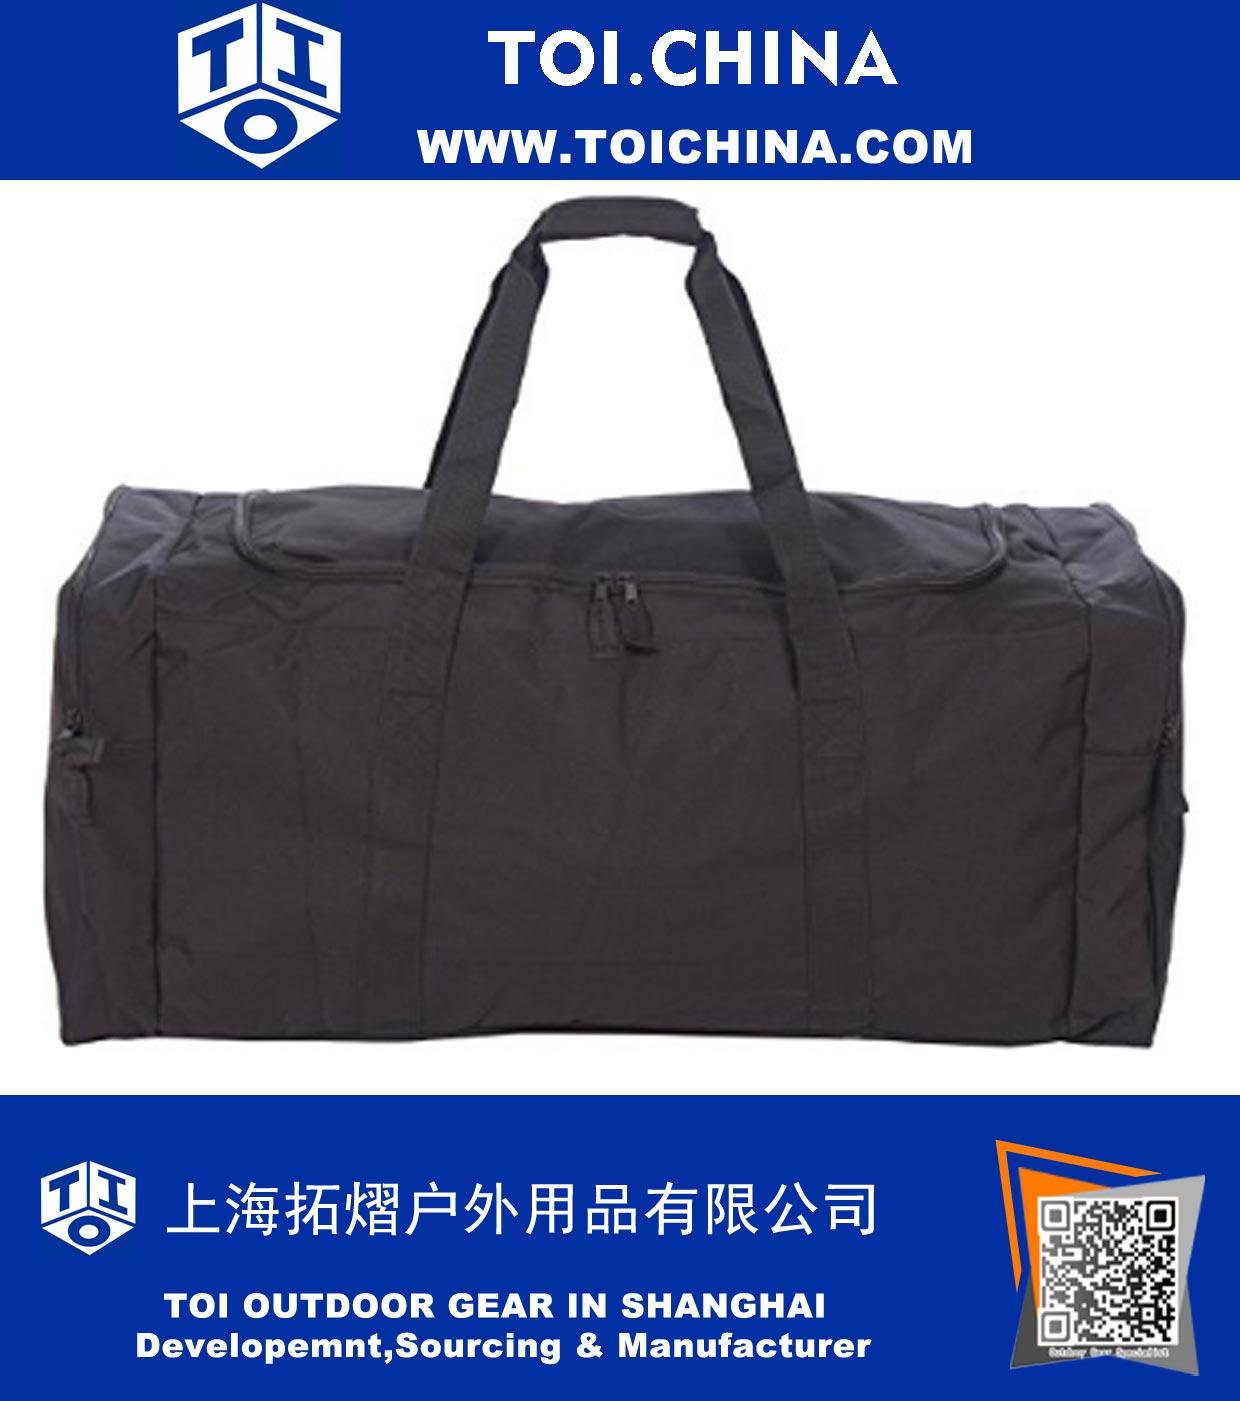 44b61eaf8f8f 36 Inch Heavy Duty 3-Pocket Hockey Bag, TY-QC007, China Supplier ...